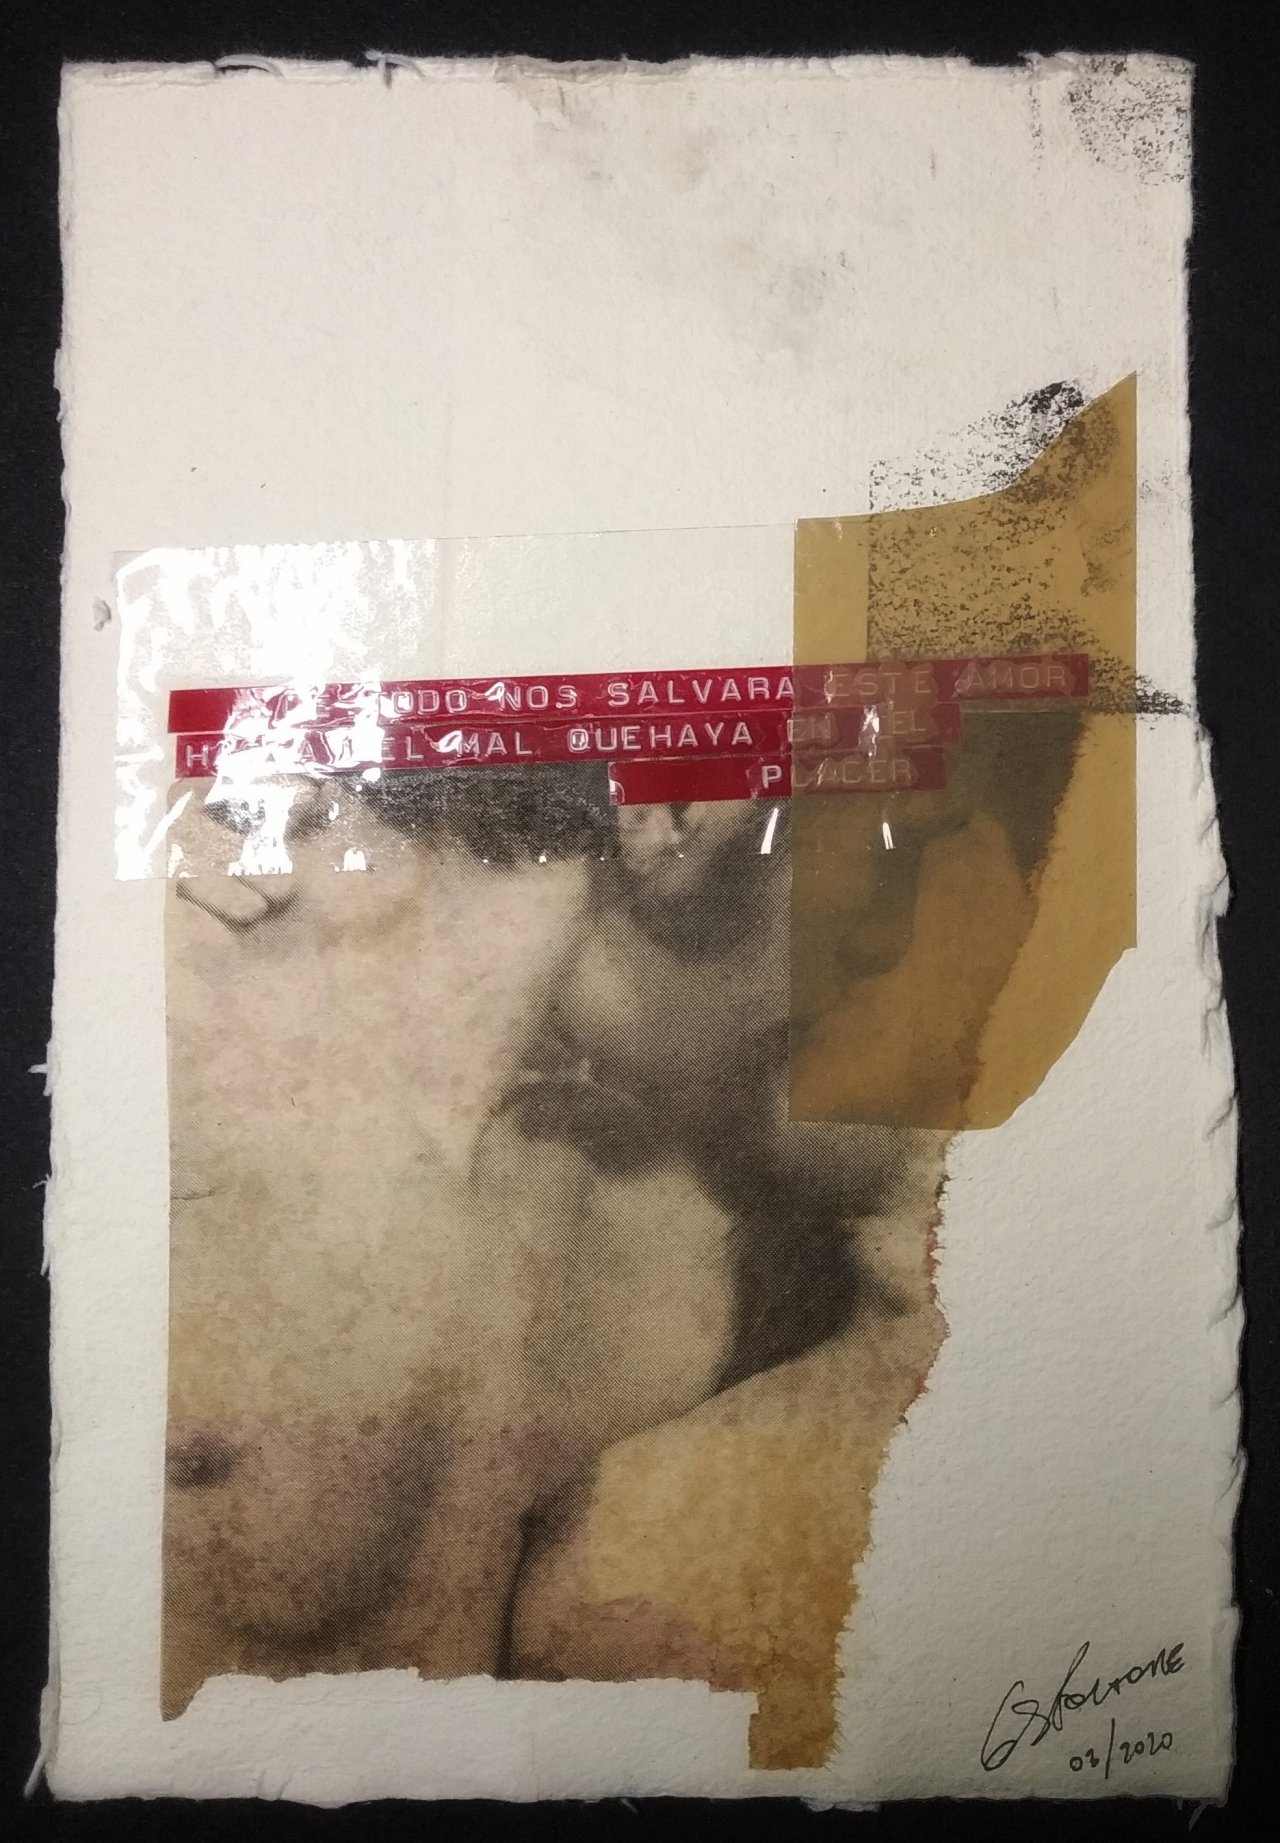 Trip 2 (2020) - Guillermo Spoltore